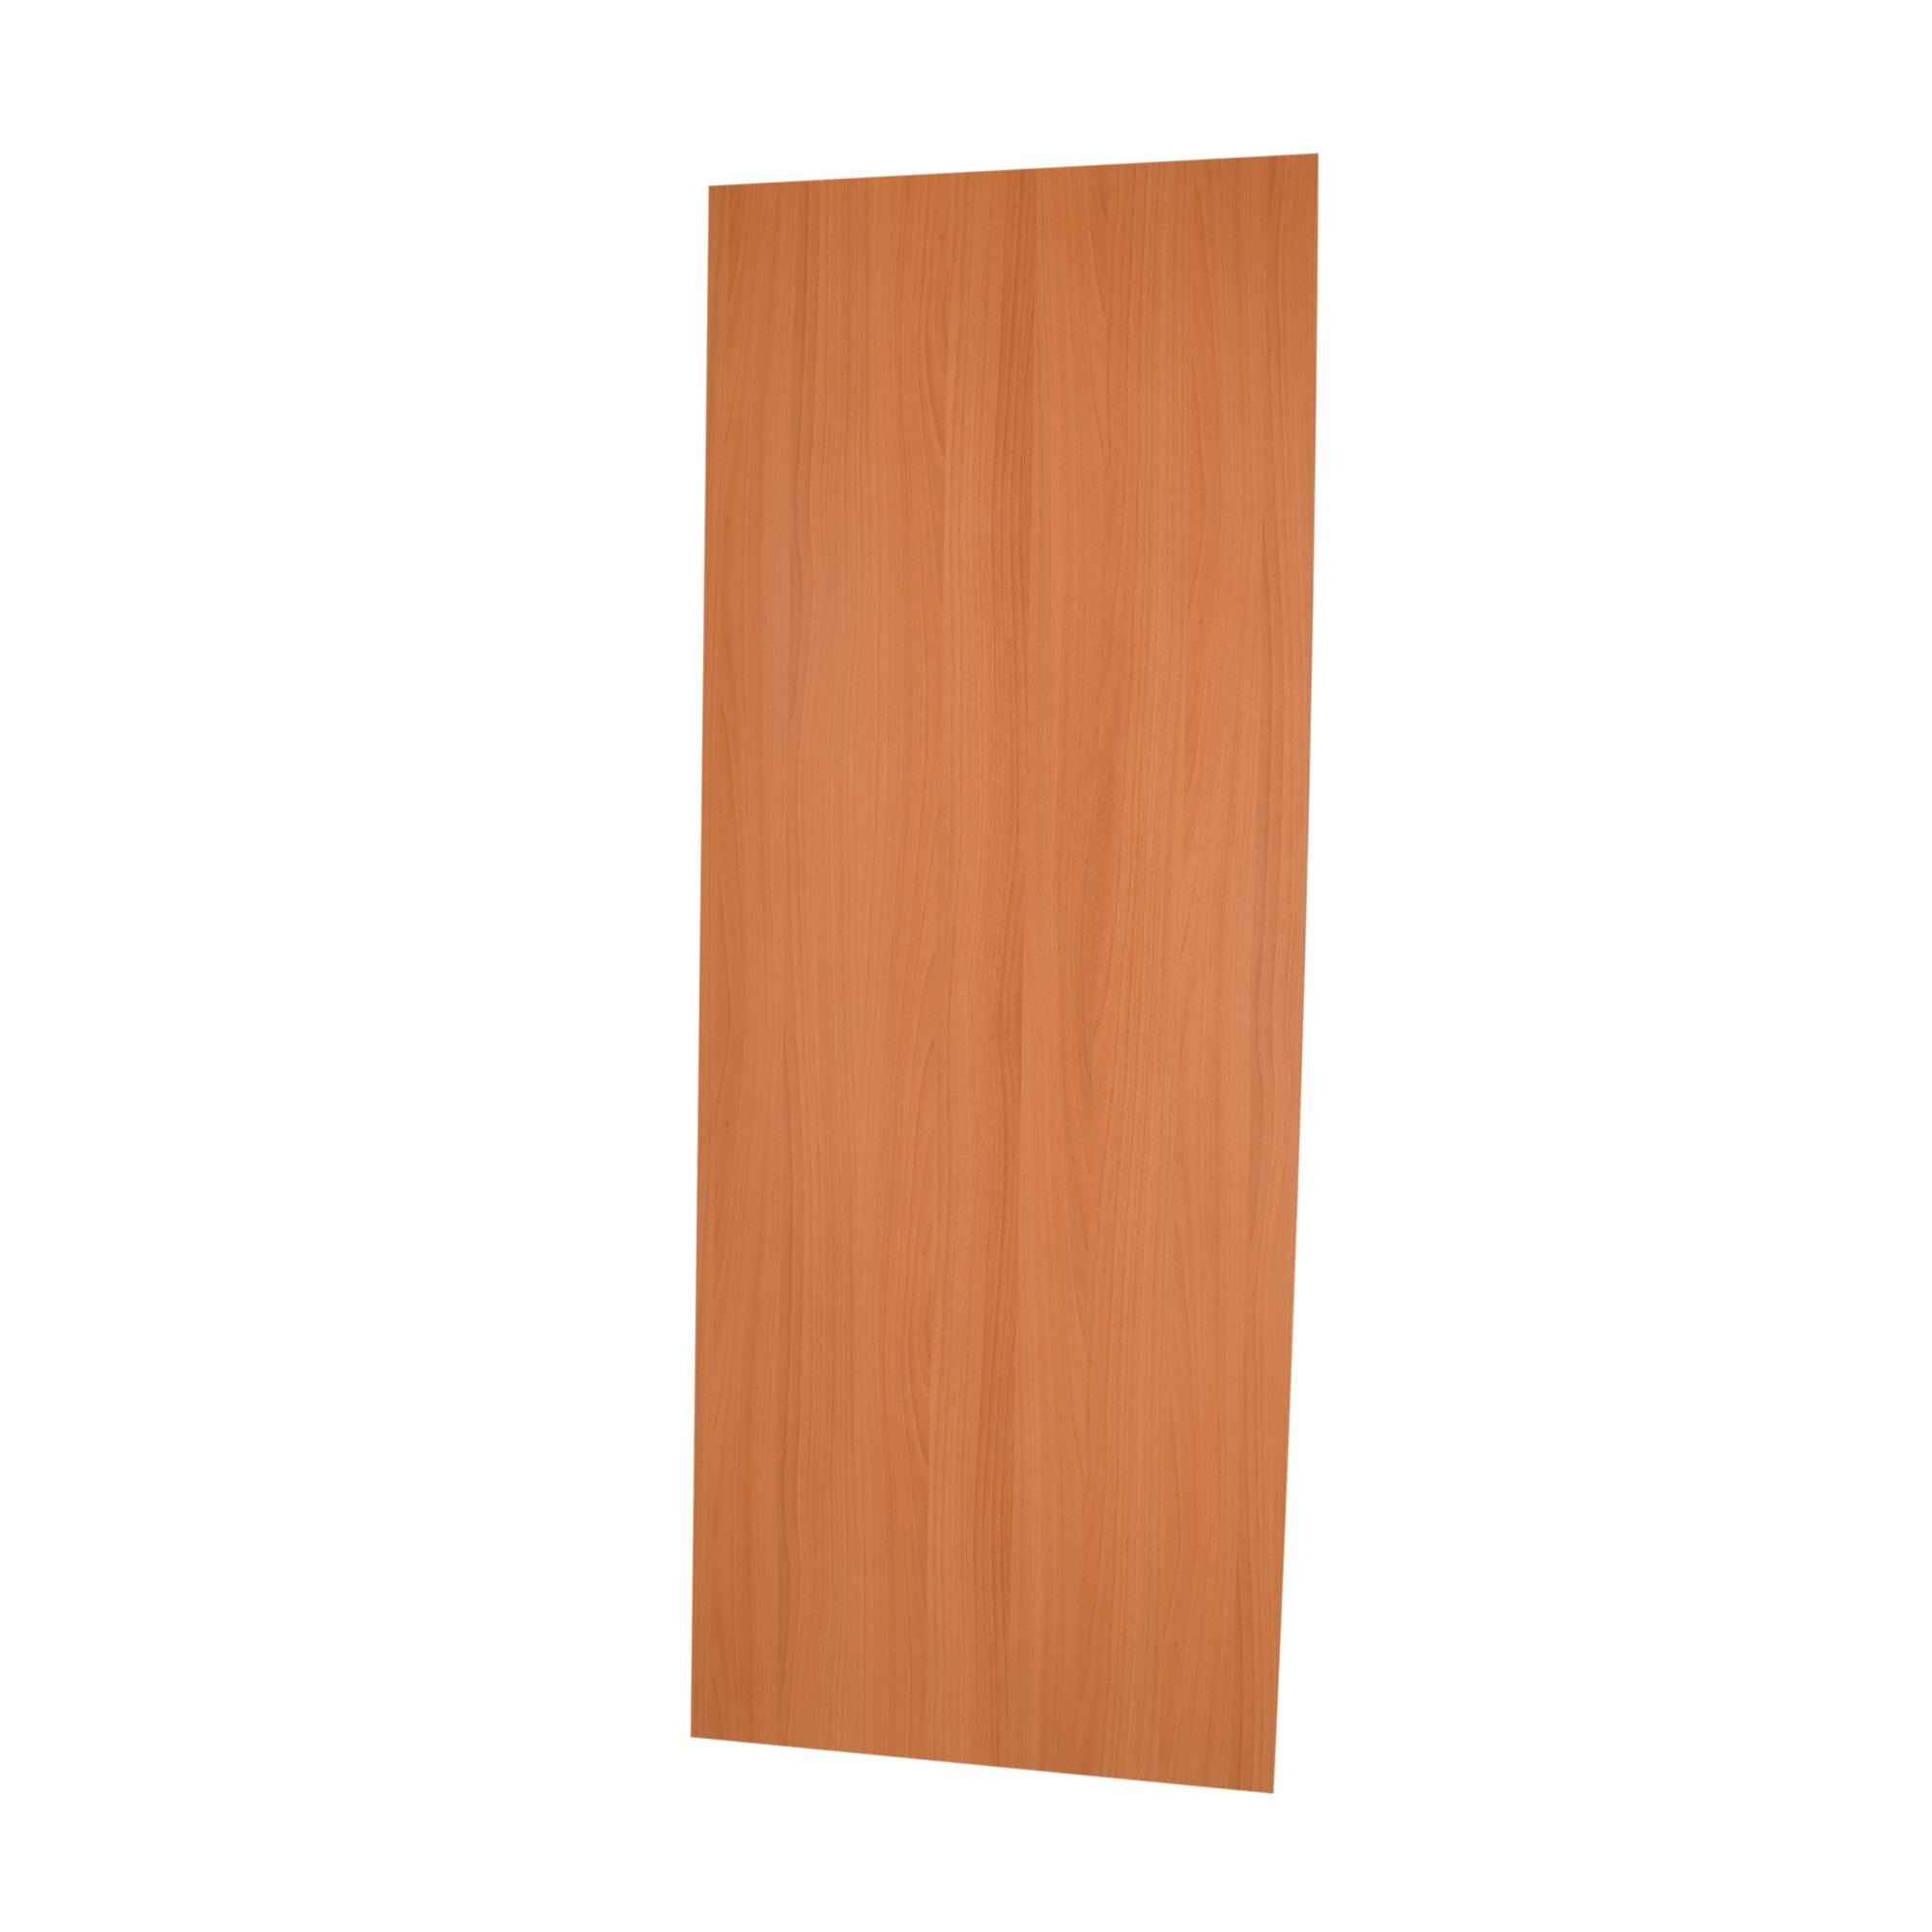 Porta de Madeira de Abrir Lisa Semissolido 80 x 210cm Pinus Branco - 537711 - Madelar